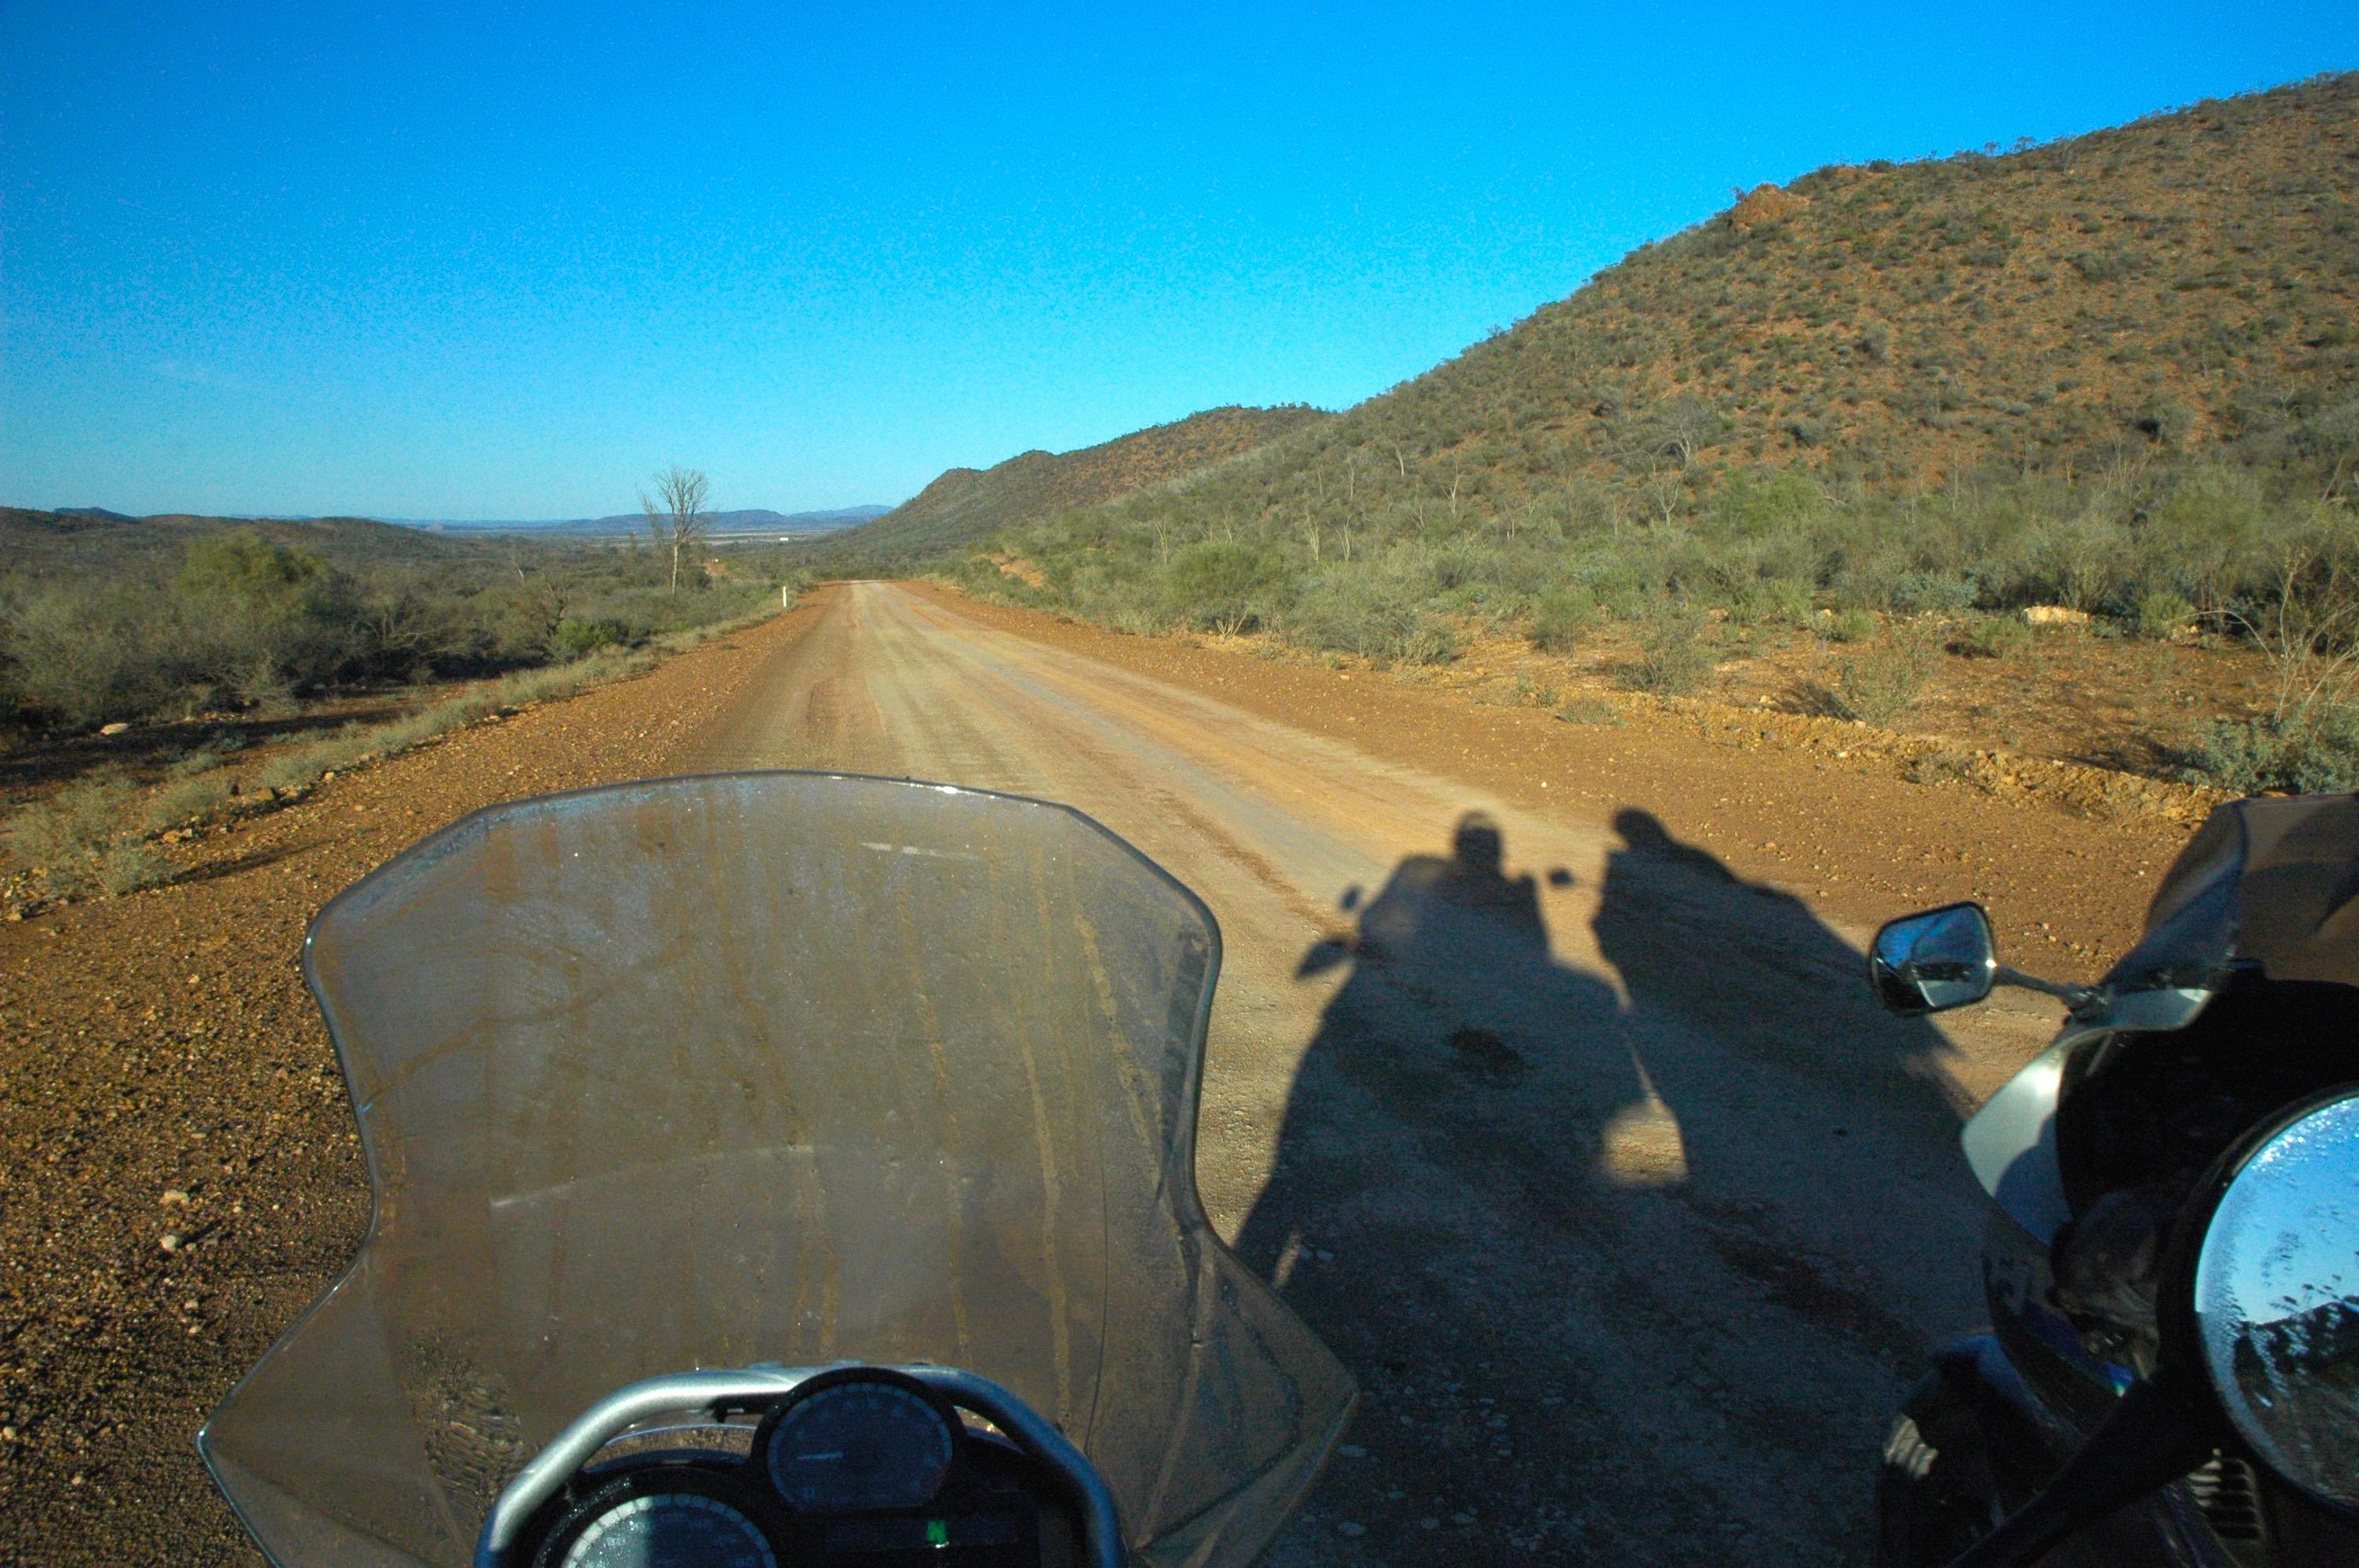 Motorbikes on dirt road near Arkaroola in the Flinders Ranges